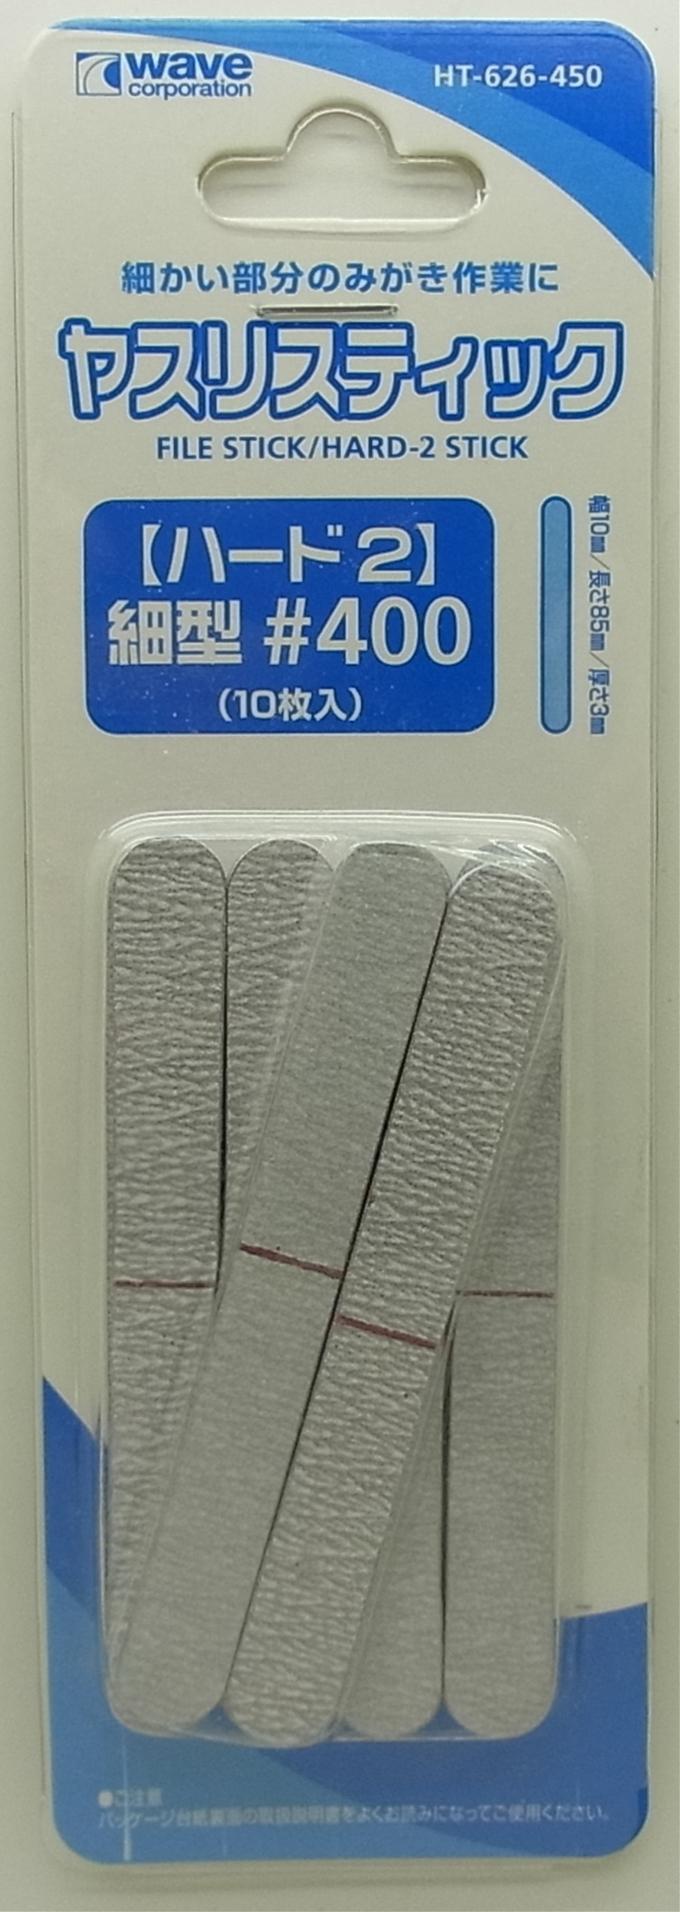 HT-626 ヤスリスティック#400 HARD2 細型 10枚入り 85mm × 10mm ×4mm